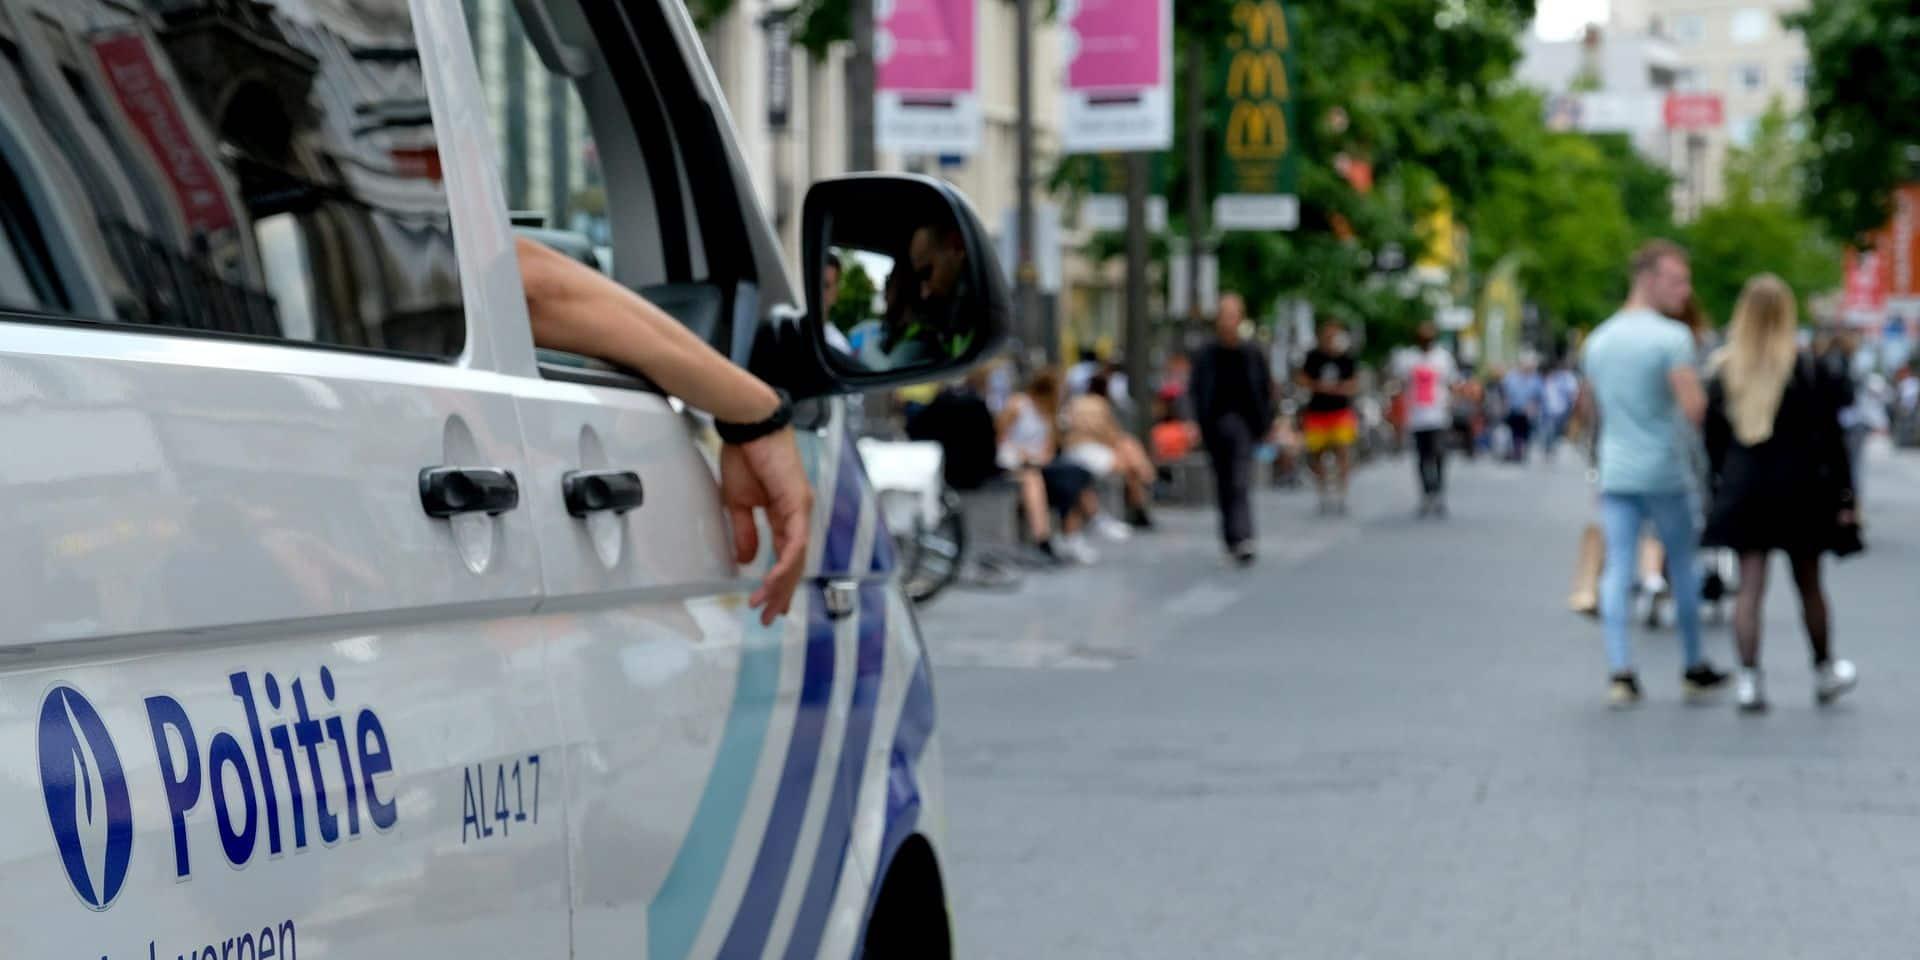 Plusieurs hommes armés appréhendés lors d'un contrôle de police à Anvers